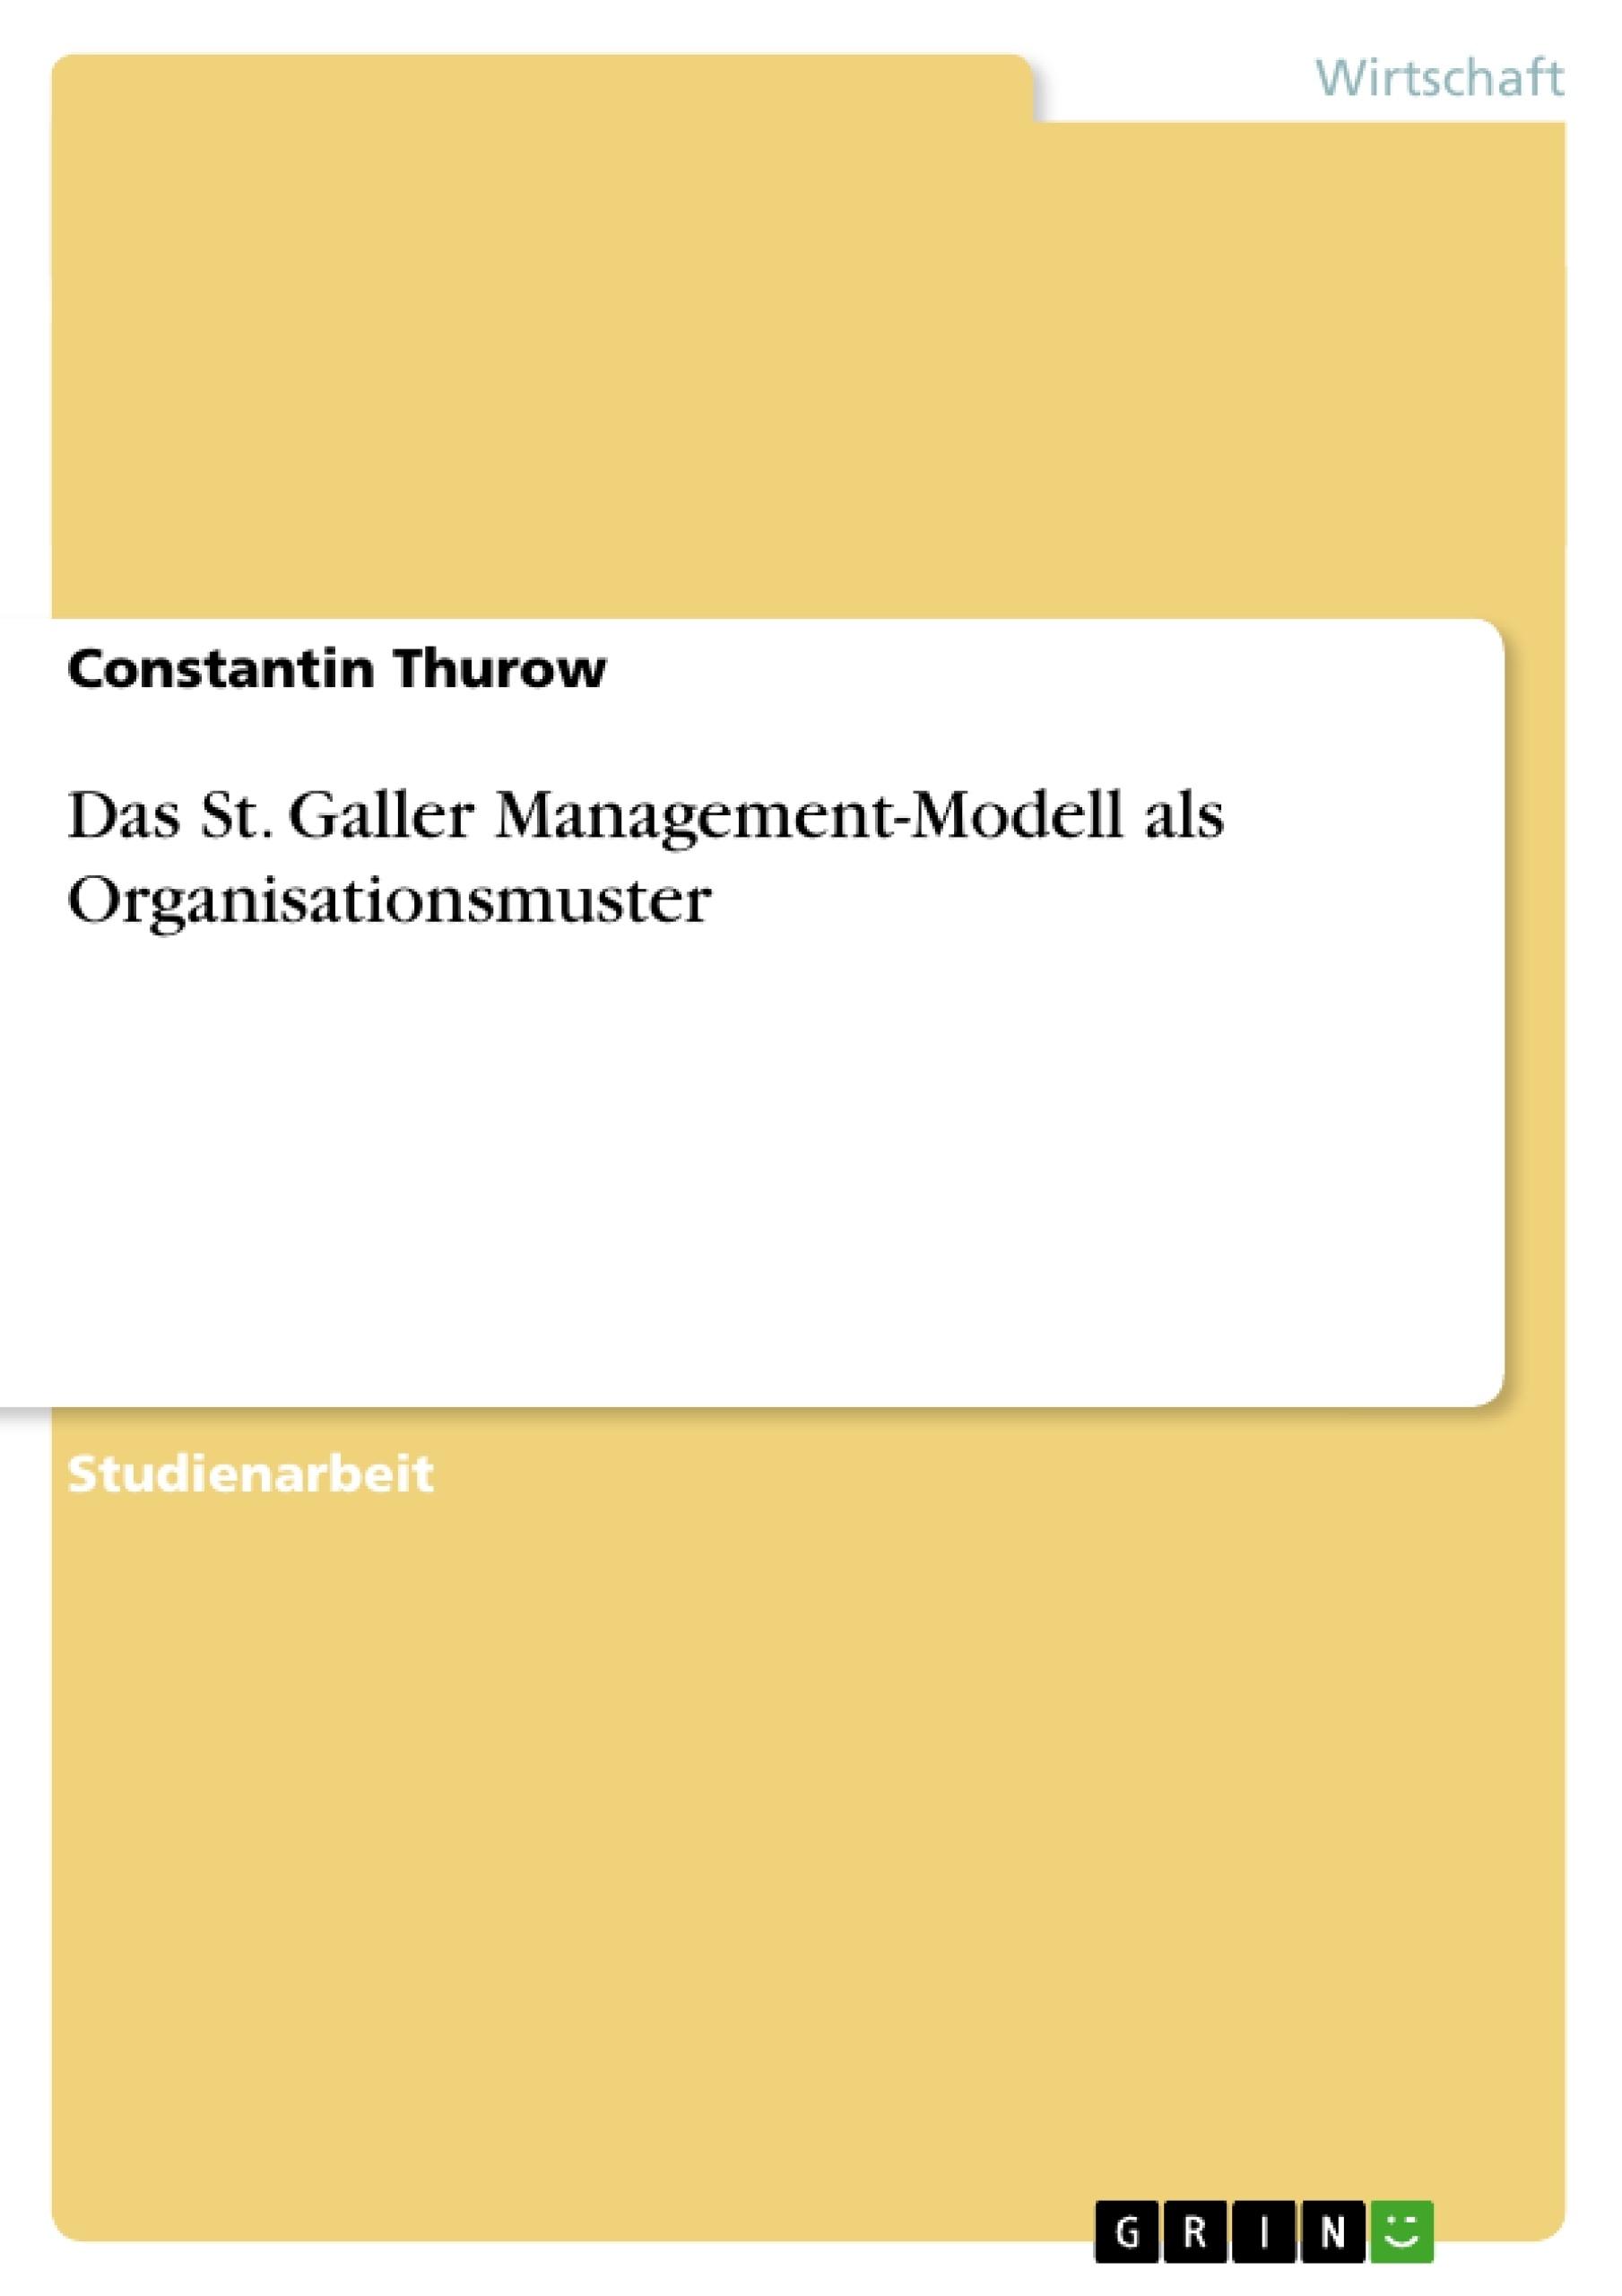 Titel: Das St. Galler Management-Modell als Organisationsmuster